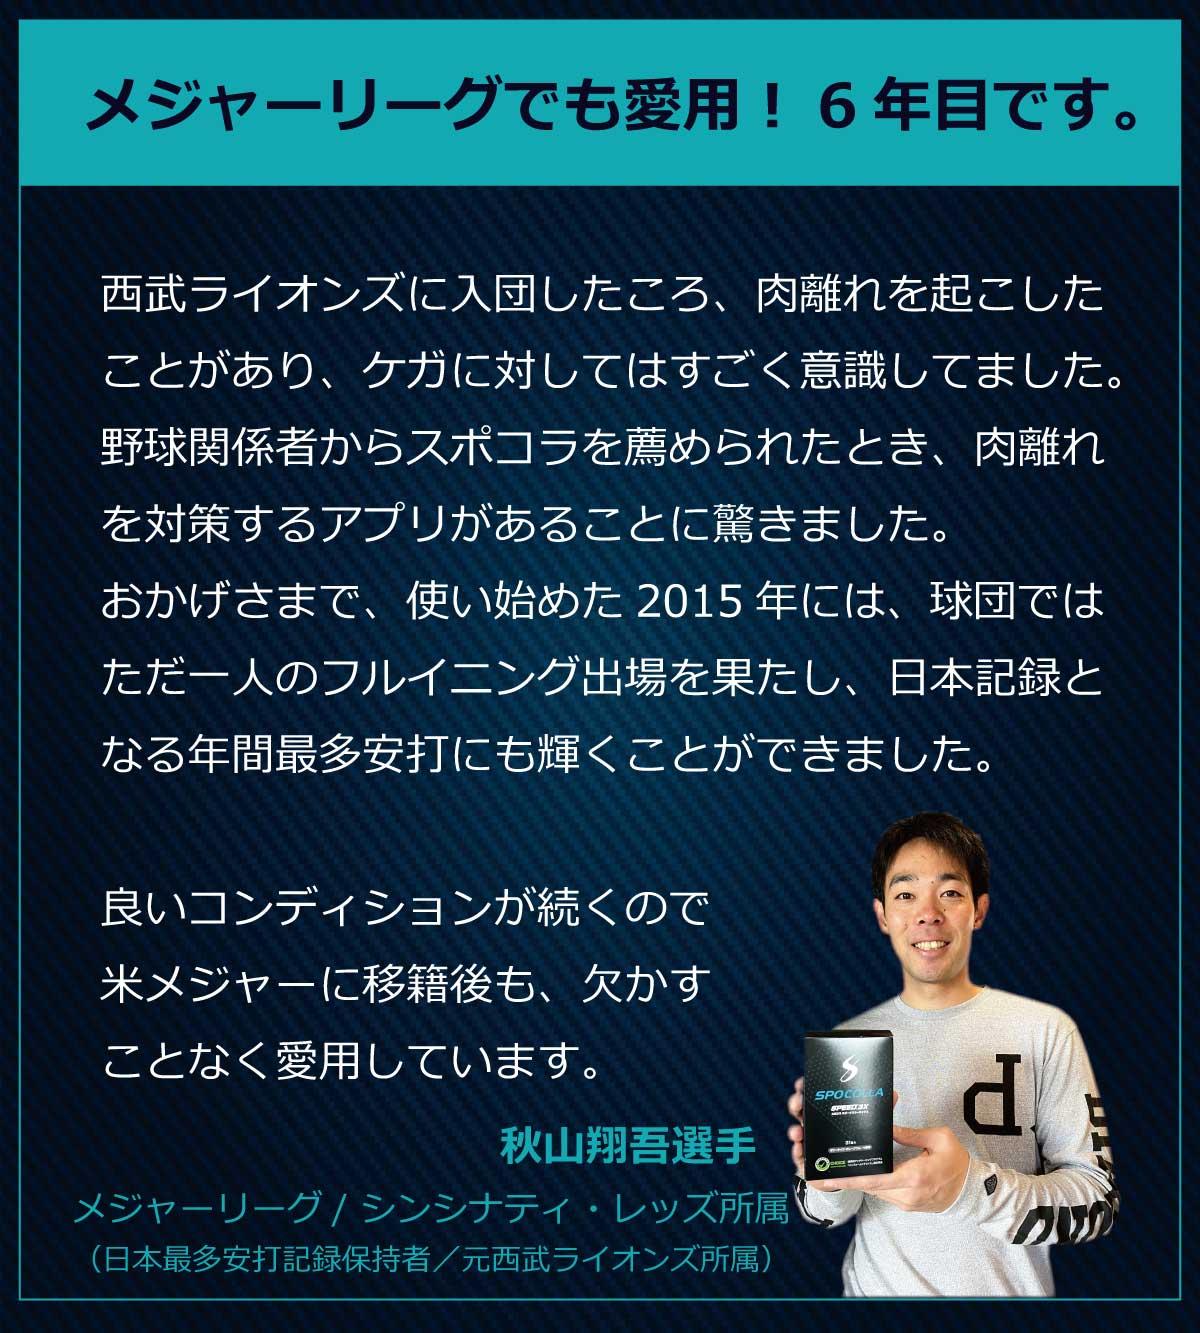 メジャーリーガー秋山翔吾選手のスポコラ歴6年目